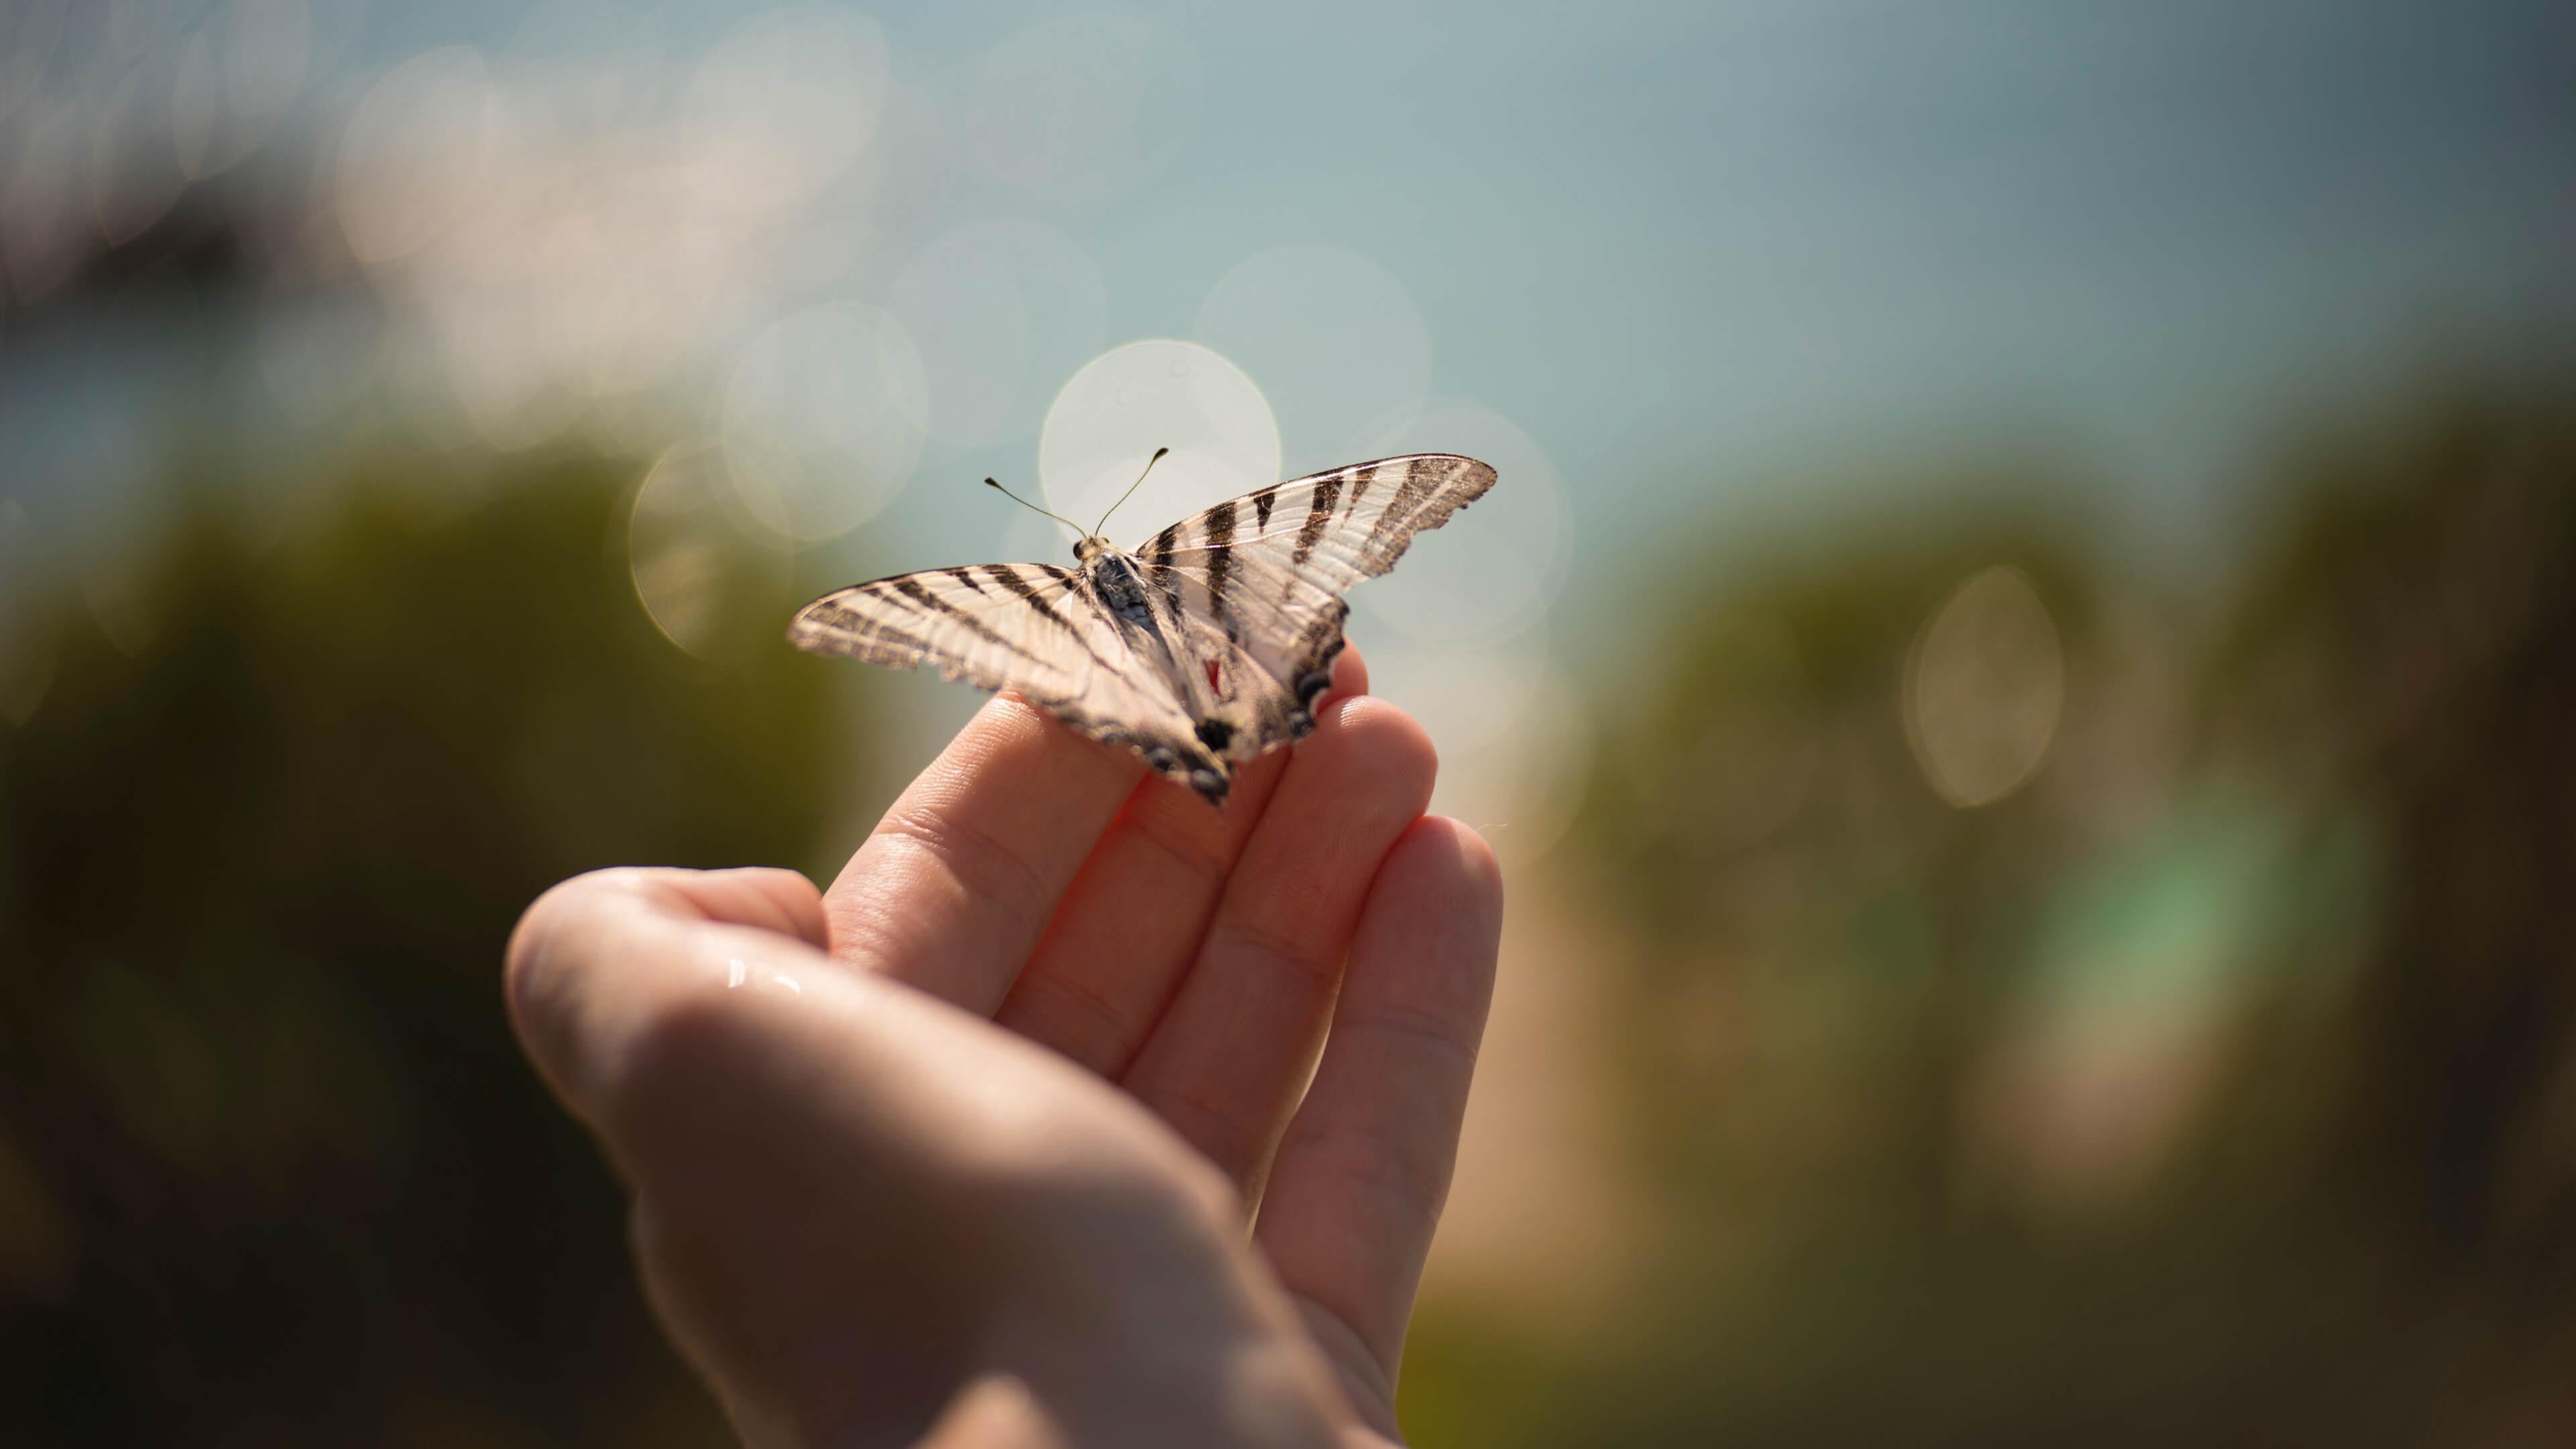 小清新,舒缓压力,蝴蝶,手,唯美